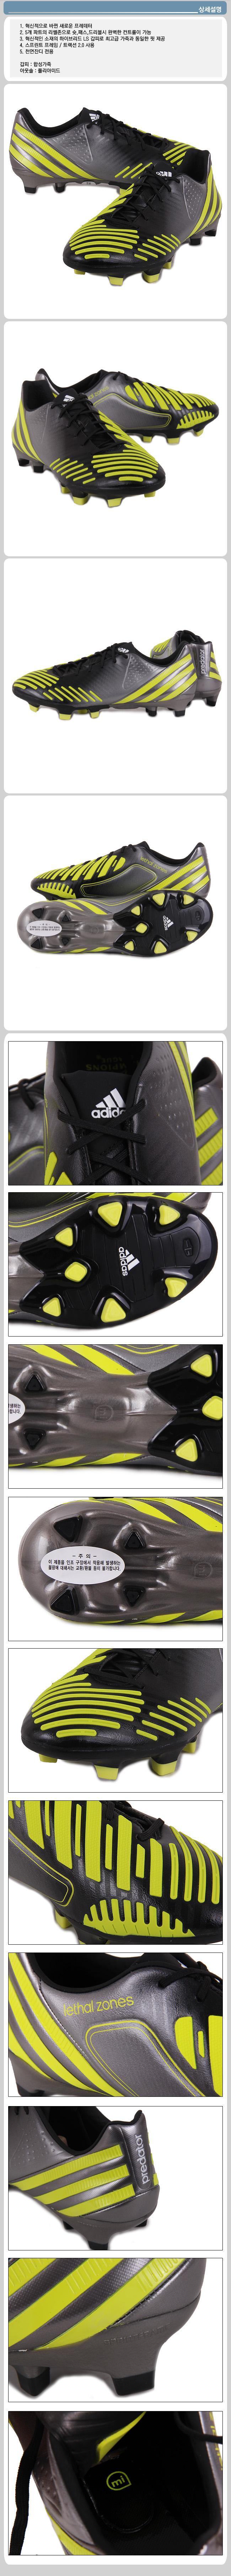 20050610\adidas-v20976-650.jpg